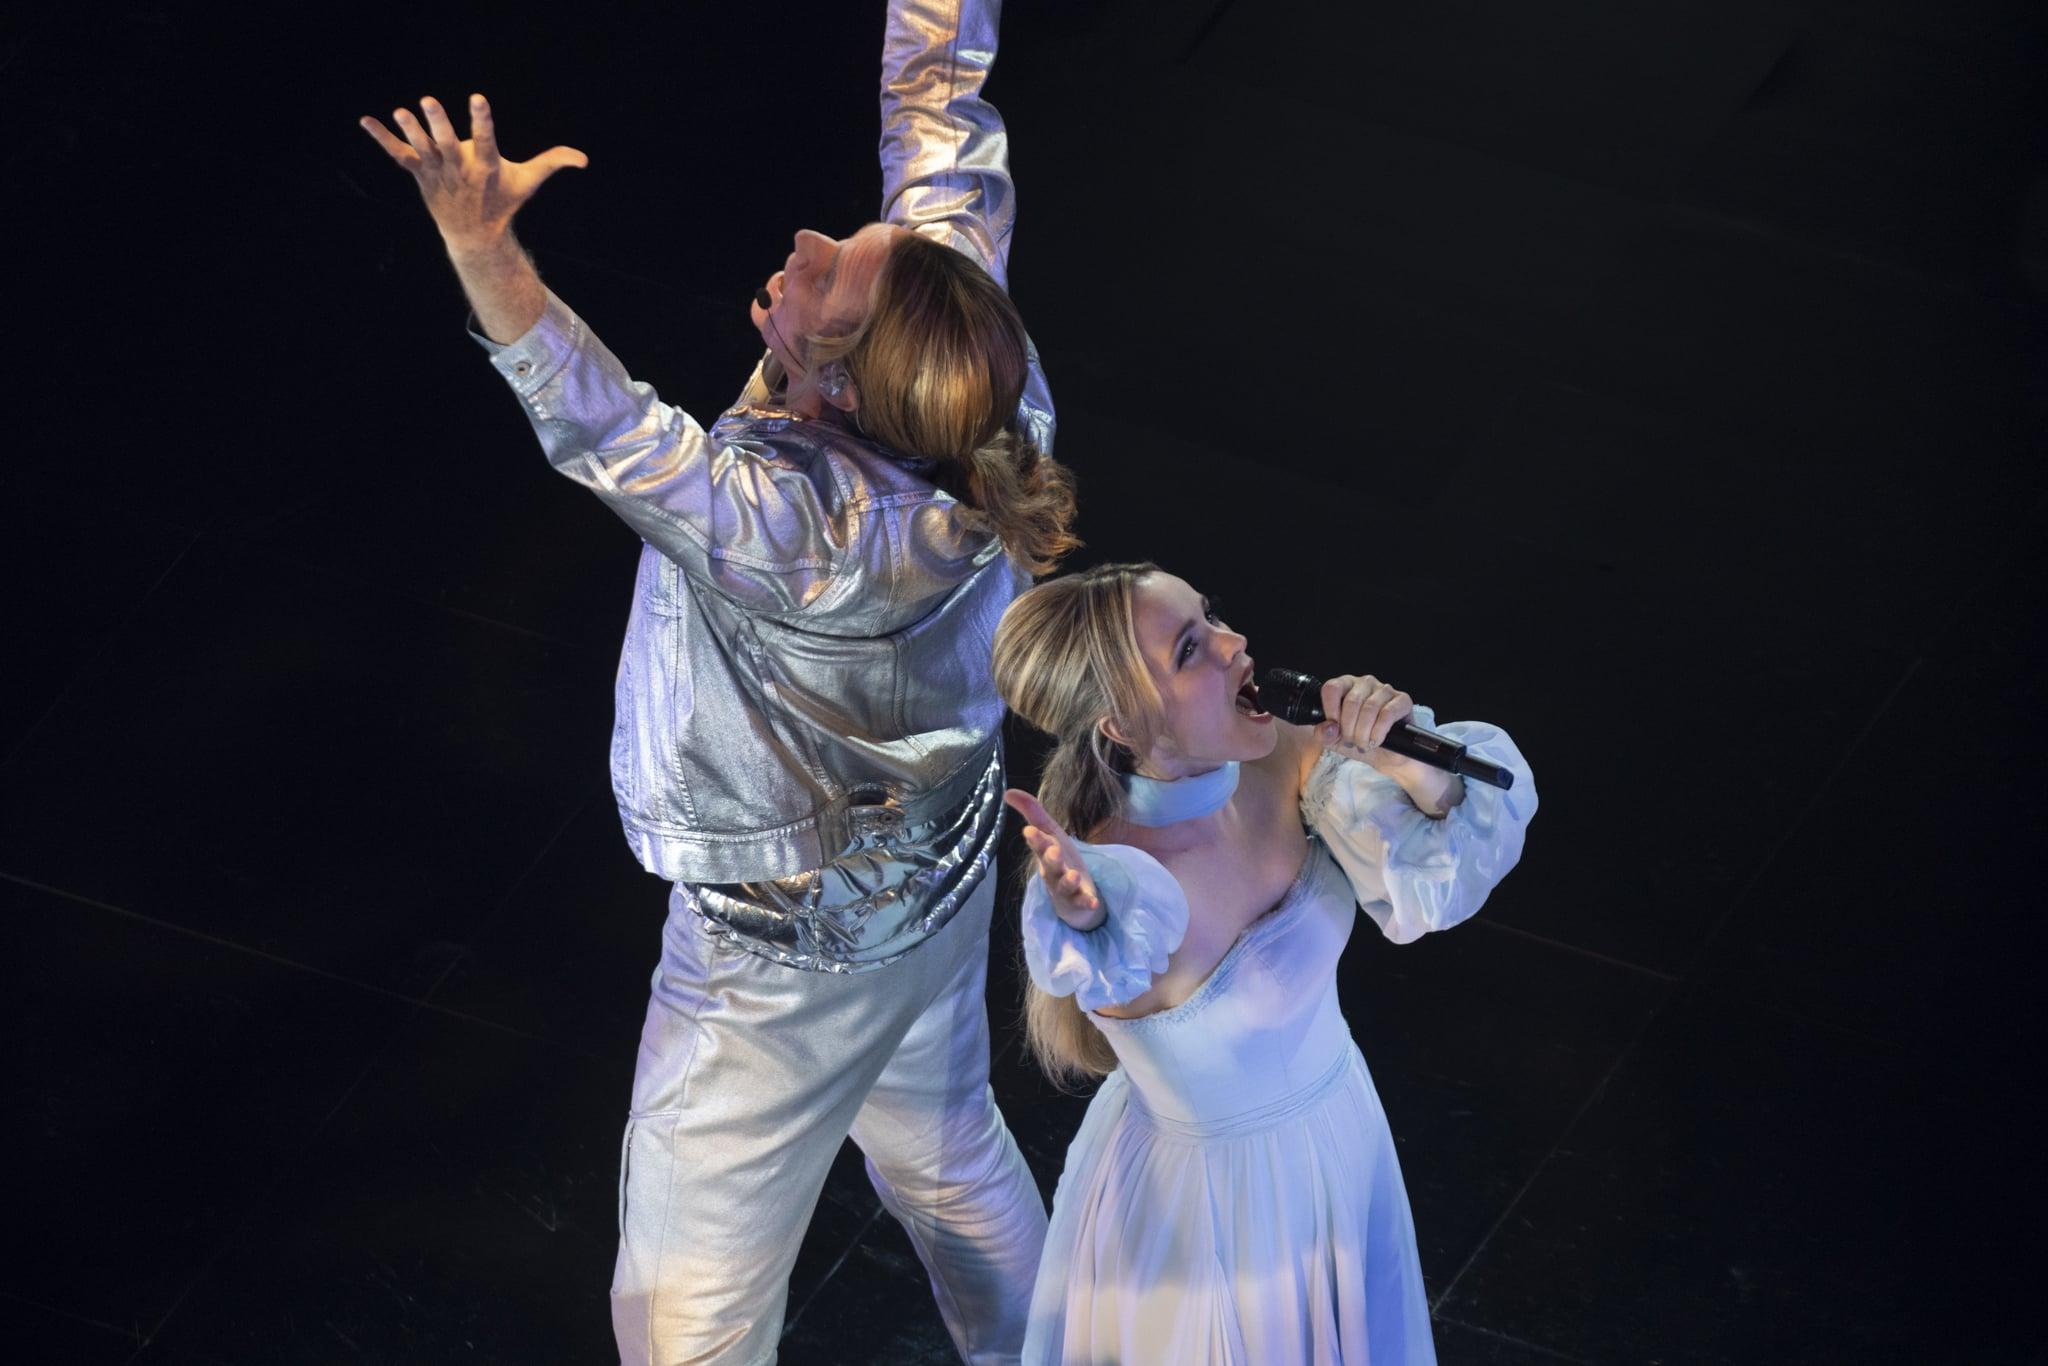 EUROVISION SONG CONTEST: The Story of Fire Saga - Will Ferrell as Lars Erickssong, Rachel McAdams as Sigrit Ericksdottir. Credit John Wilson/NETFLIX  2020